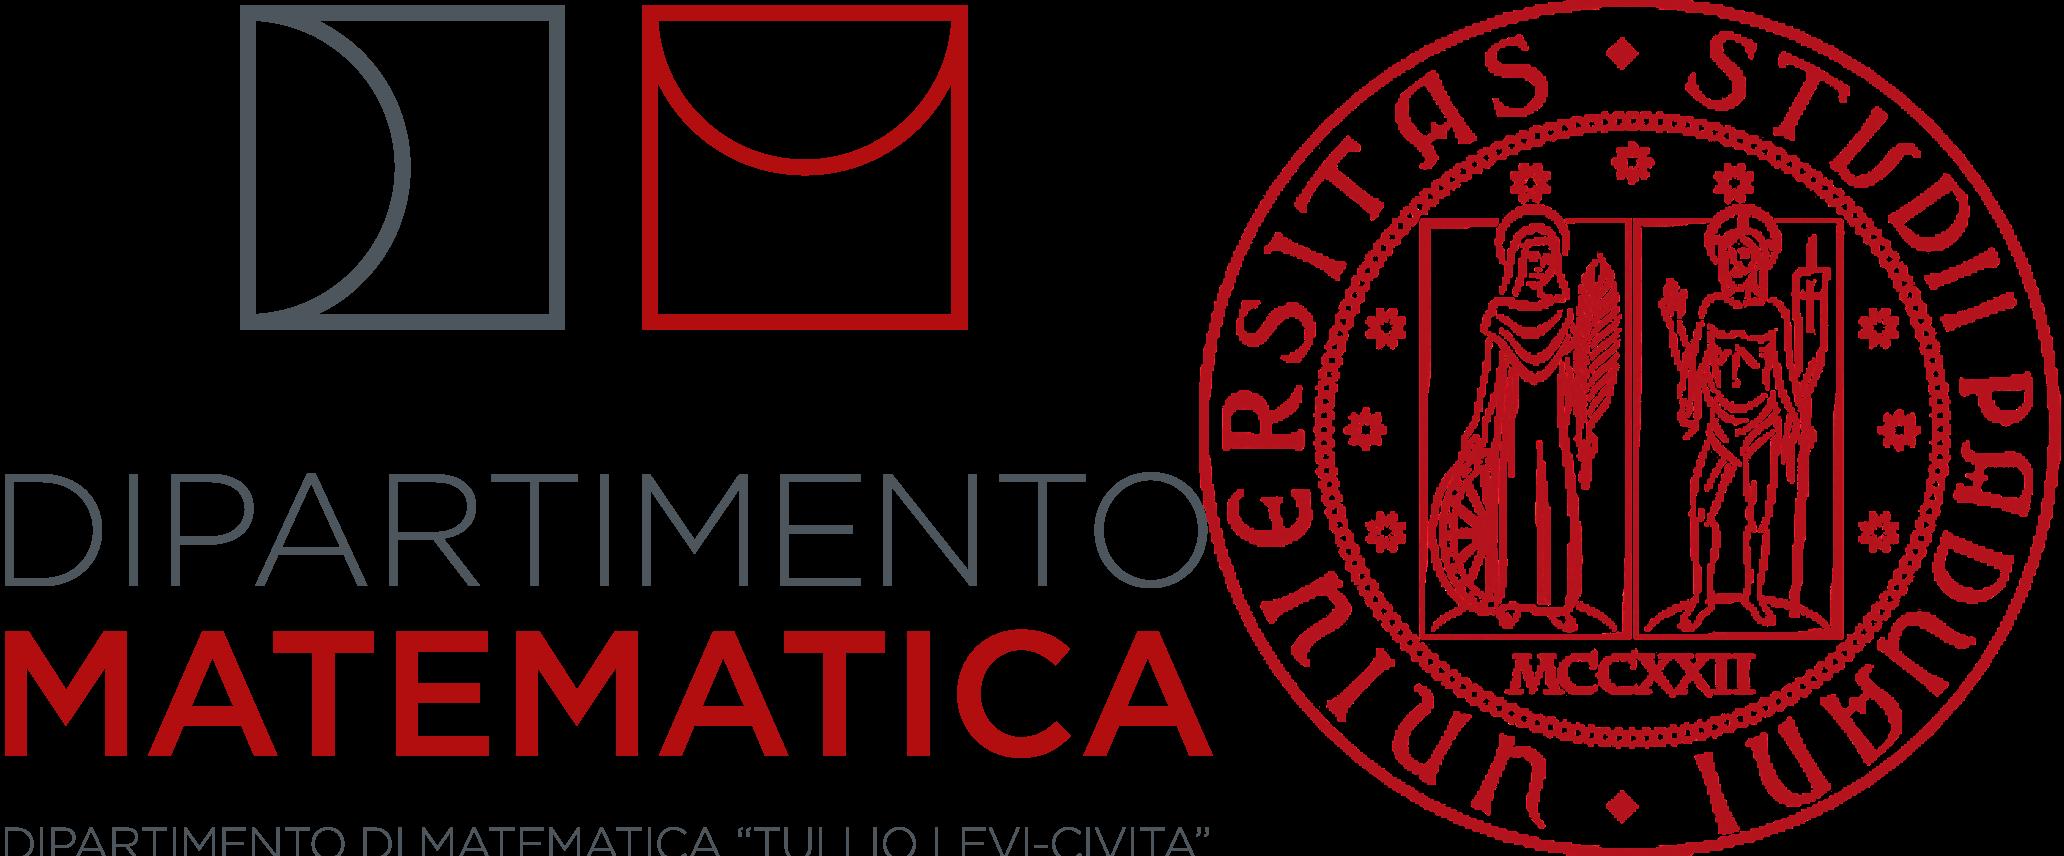 """Università degli Studi di Padova - Dipartimento di Matematica """"Tullio Levi Civita"""""""